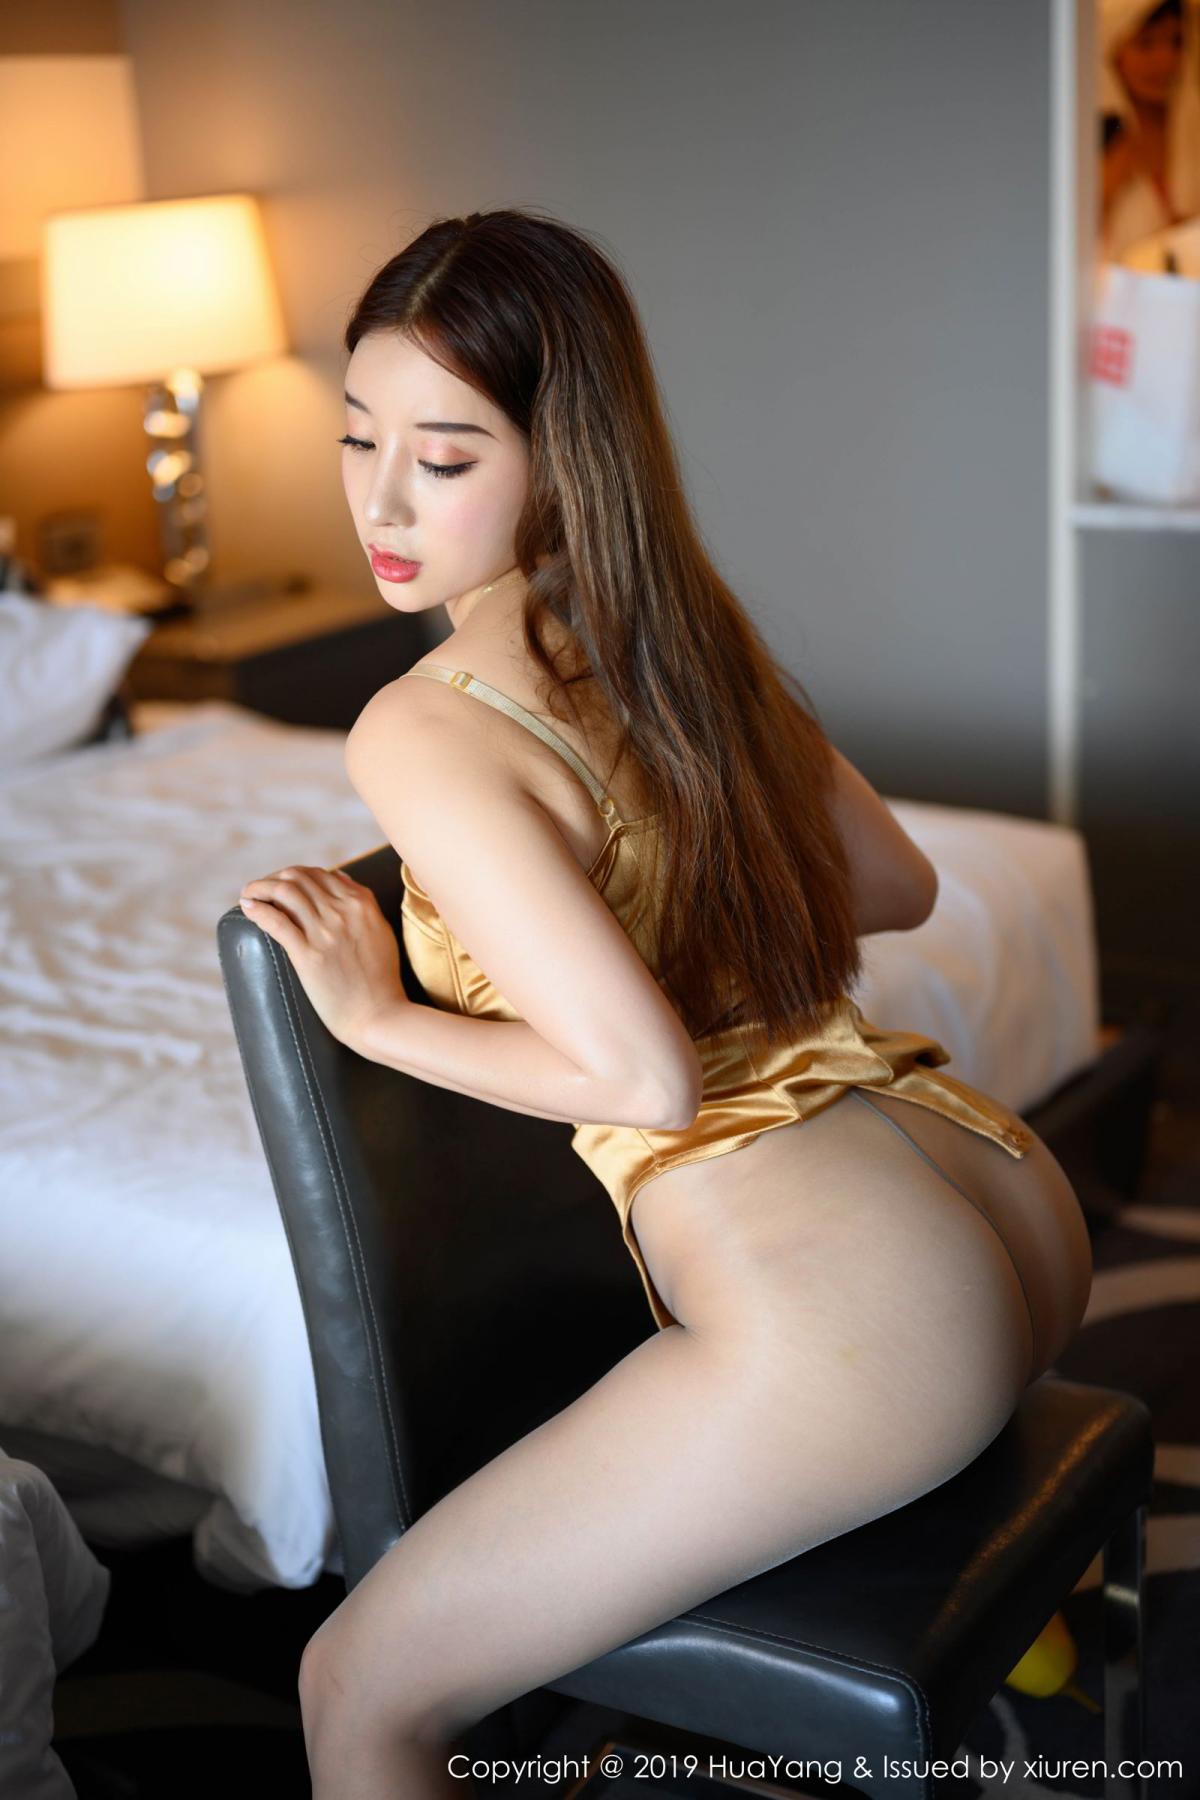 [Huayang] Vol.147 Duan Xiao Hui 33P, Duan Xiao Hui, HuaYang, Tall